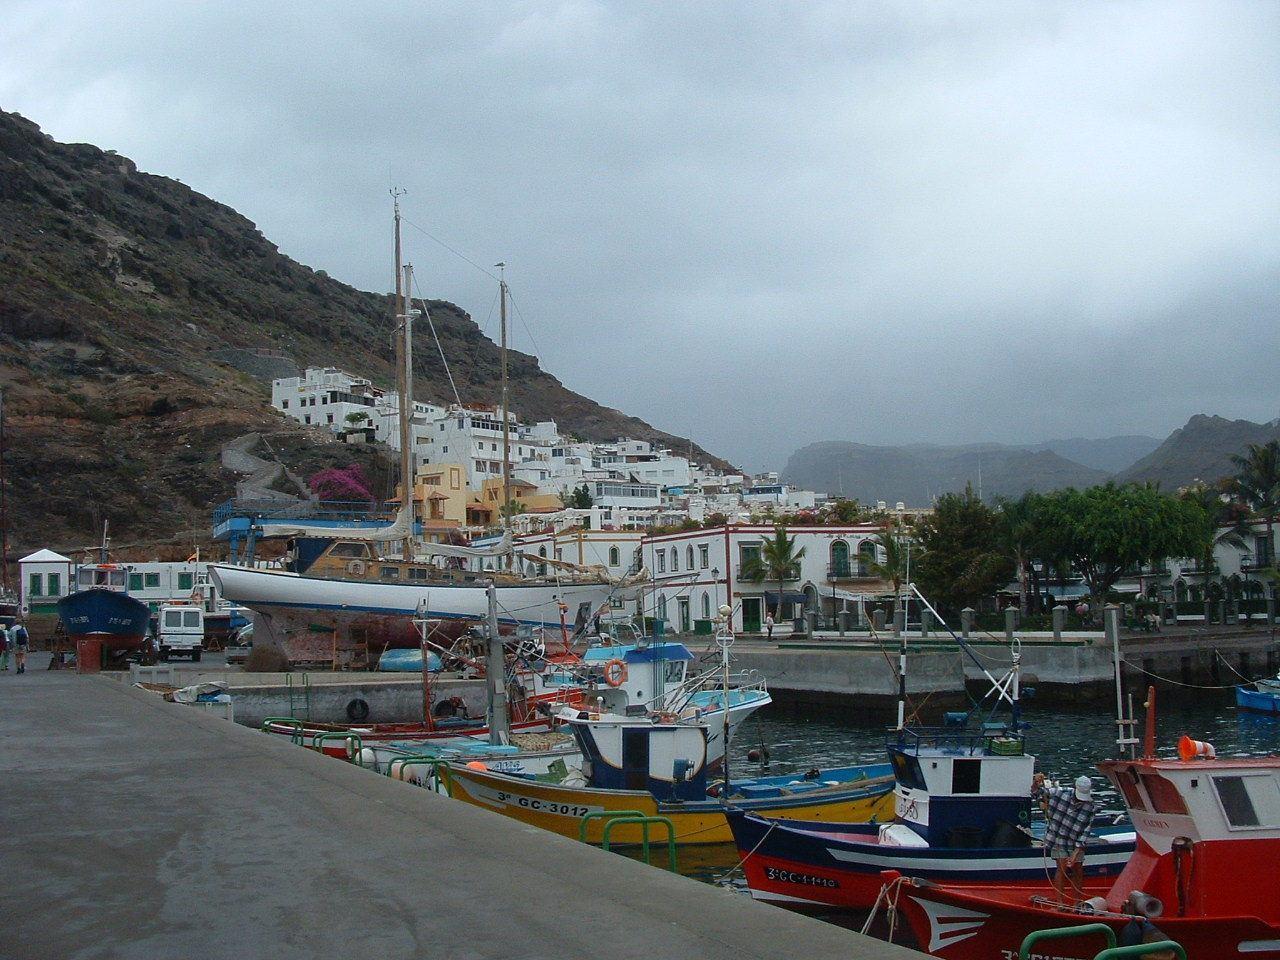 puerto de mogan cloudy weather